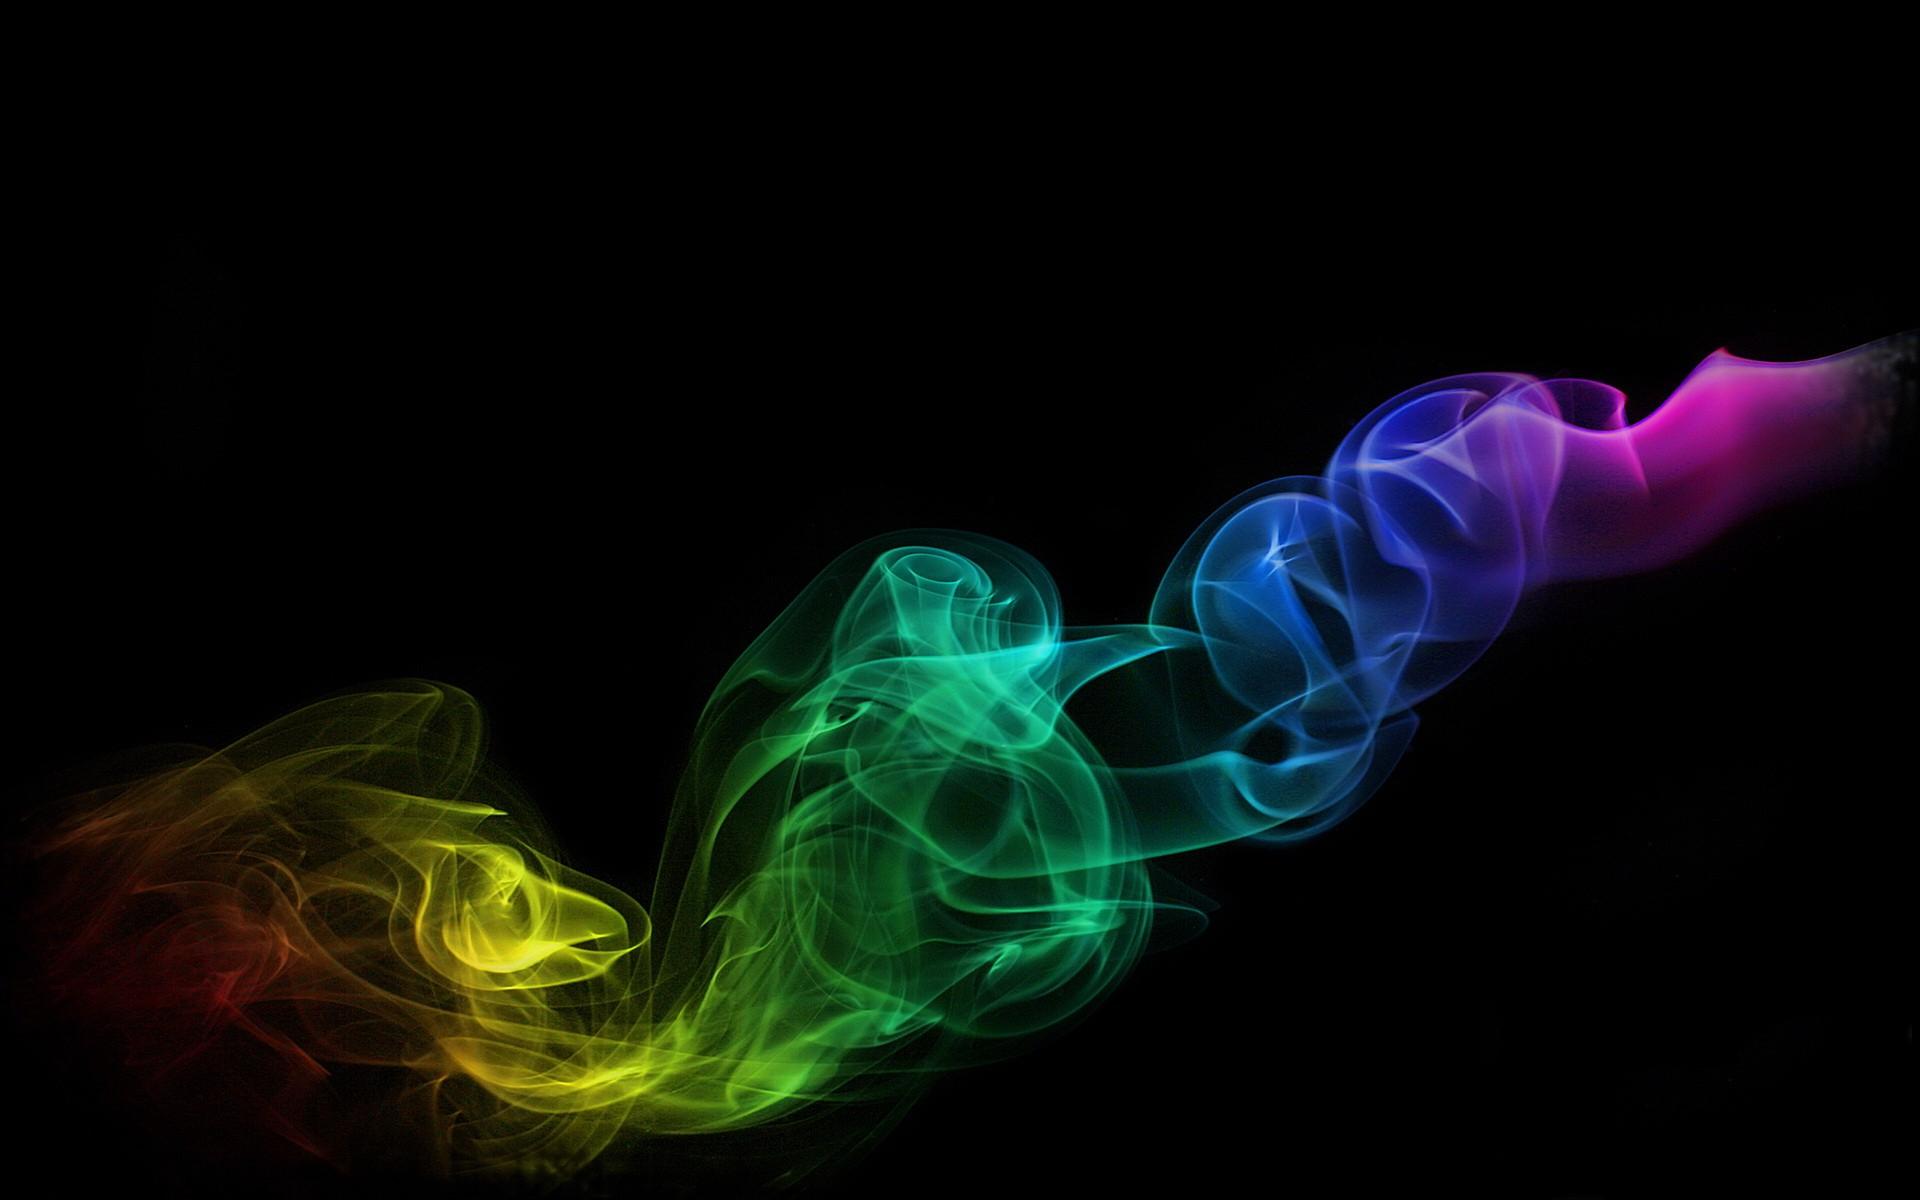 Colorful Smoke Wallpaper 1920x1200 Colorful Smoke 1920x1200